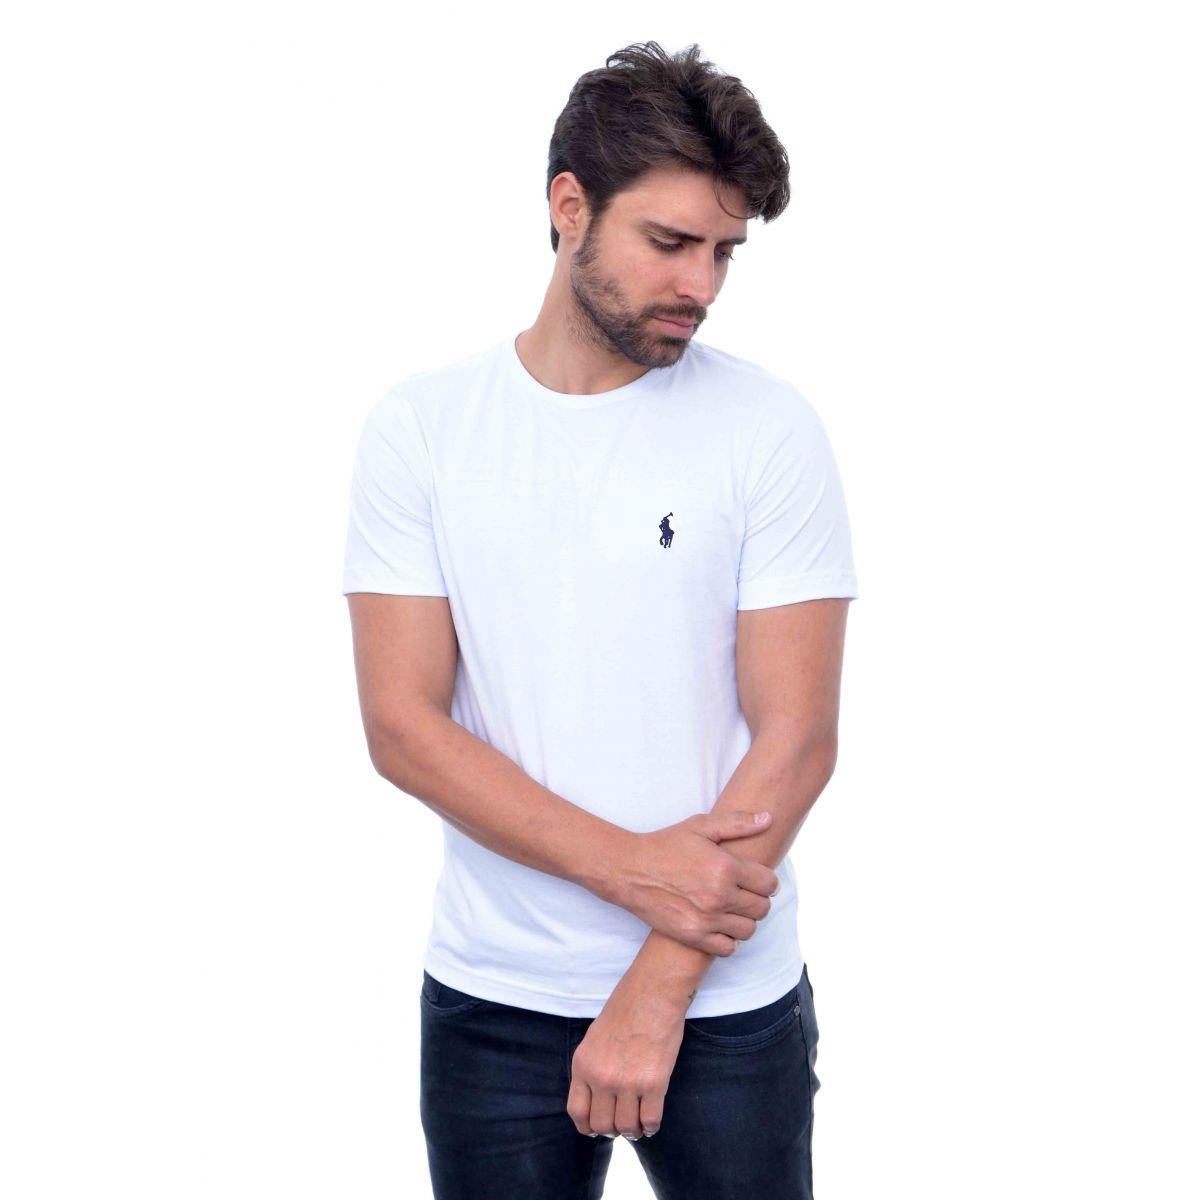 Camiseta Basic RL Branca Ralph Lauren Ralph Lauren Outlet Califórnia ... 981339c871f